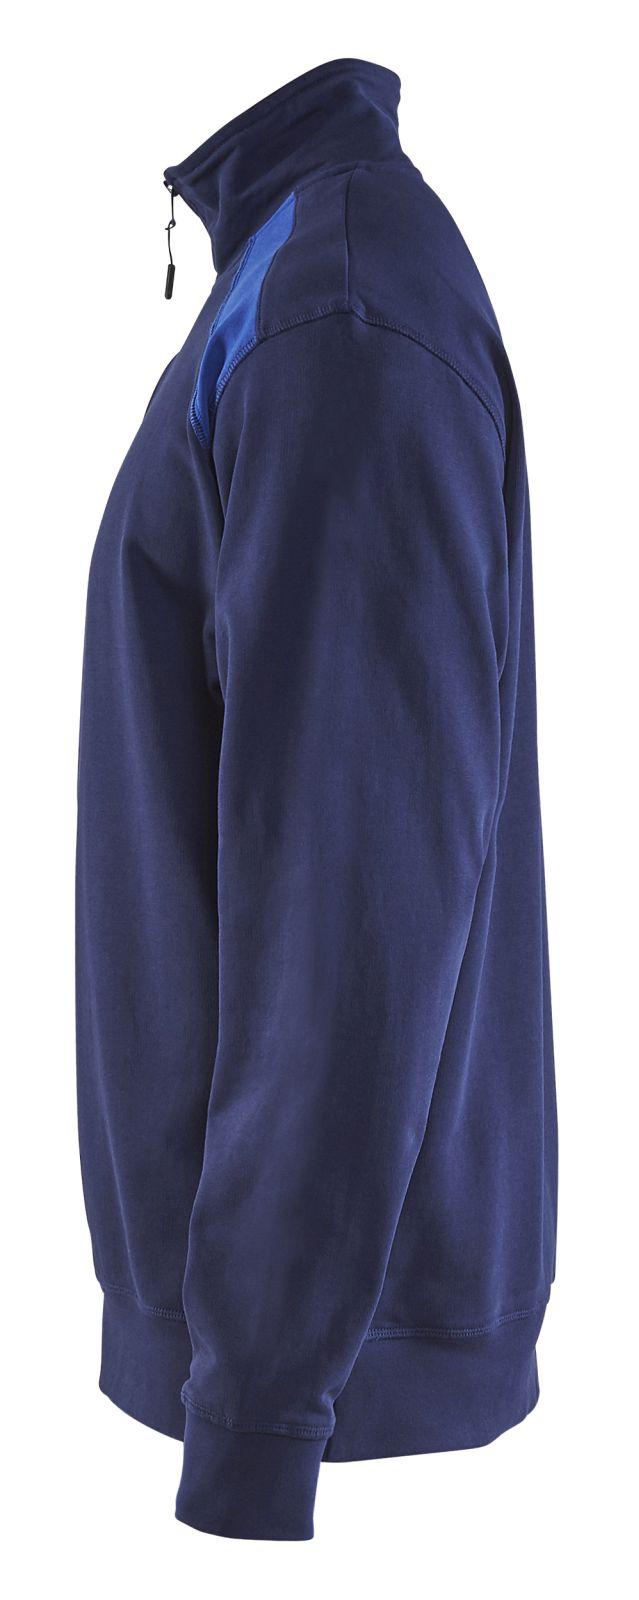 Blaklader Sweatshirts 33531158 marineblauw-korenblauw(8985)